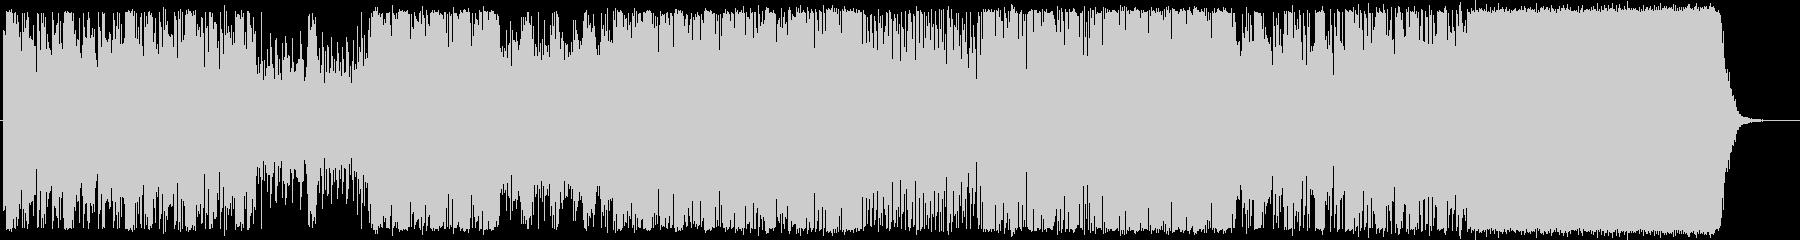 クールなエレクトロサウンドの未再生の波形